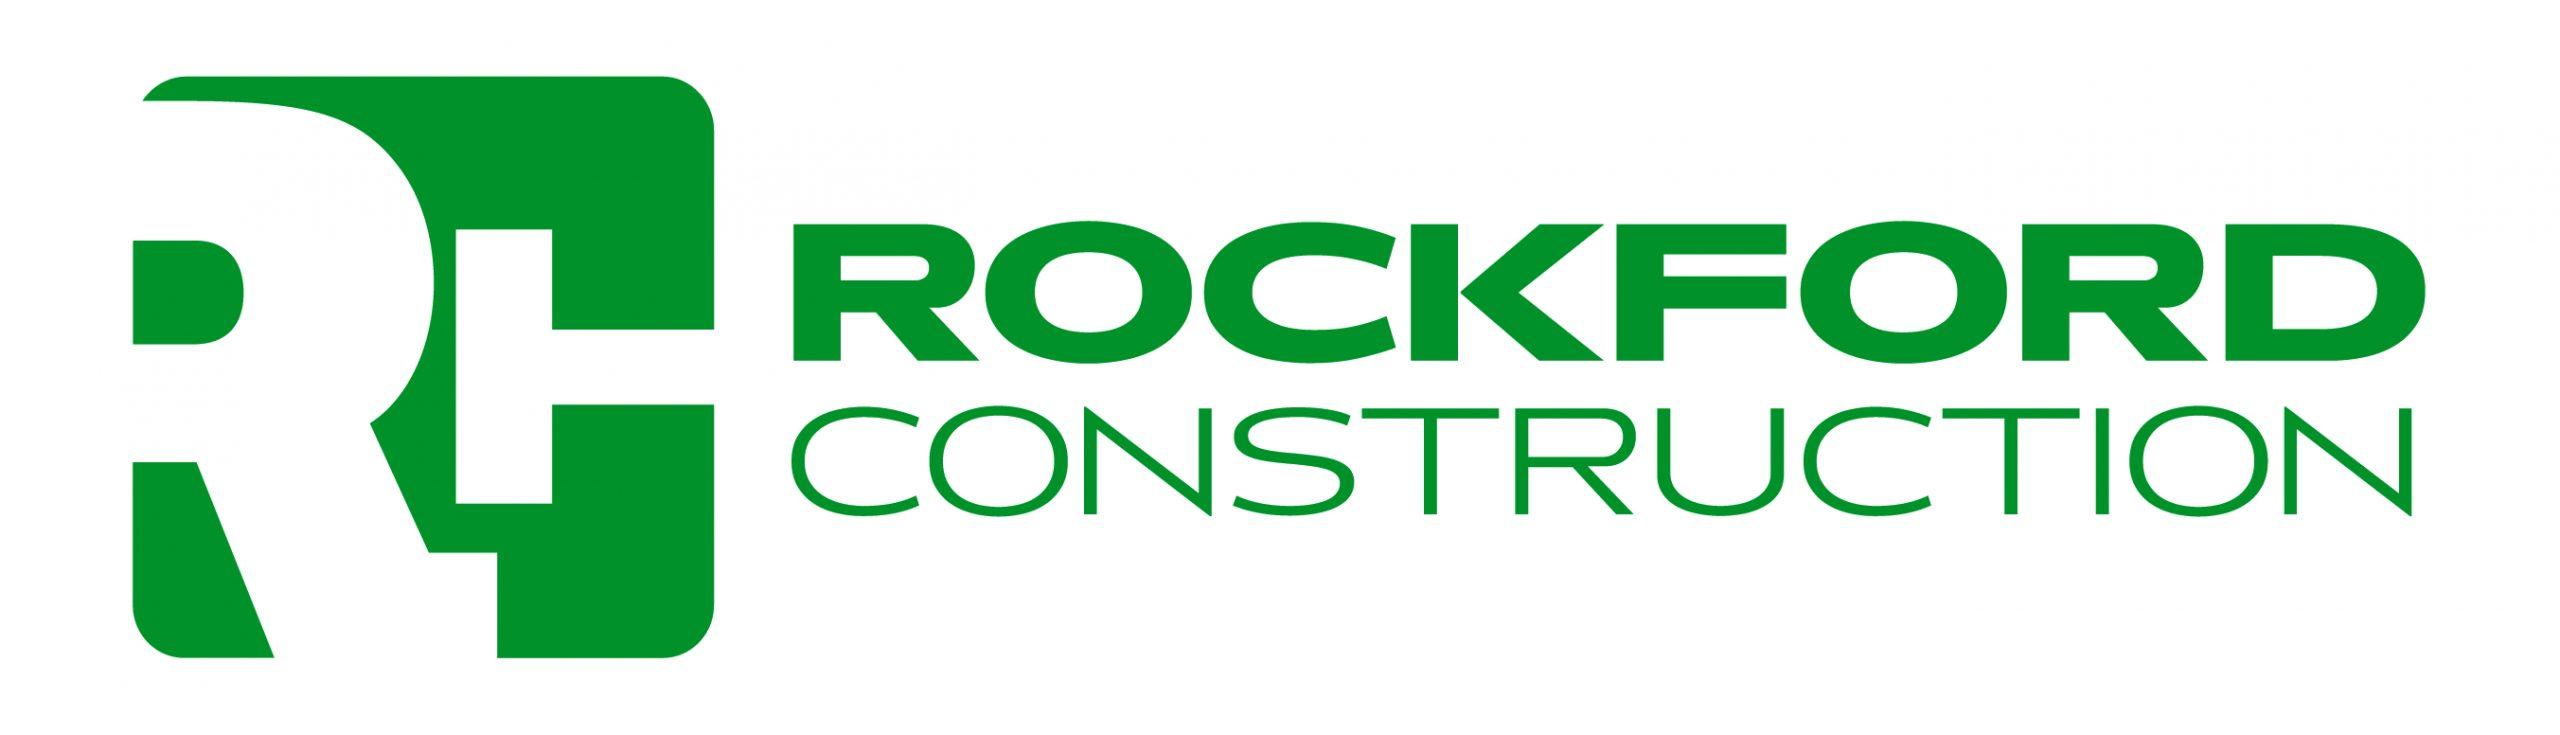 Rockford Construction Logo